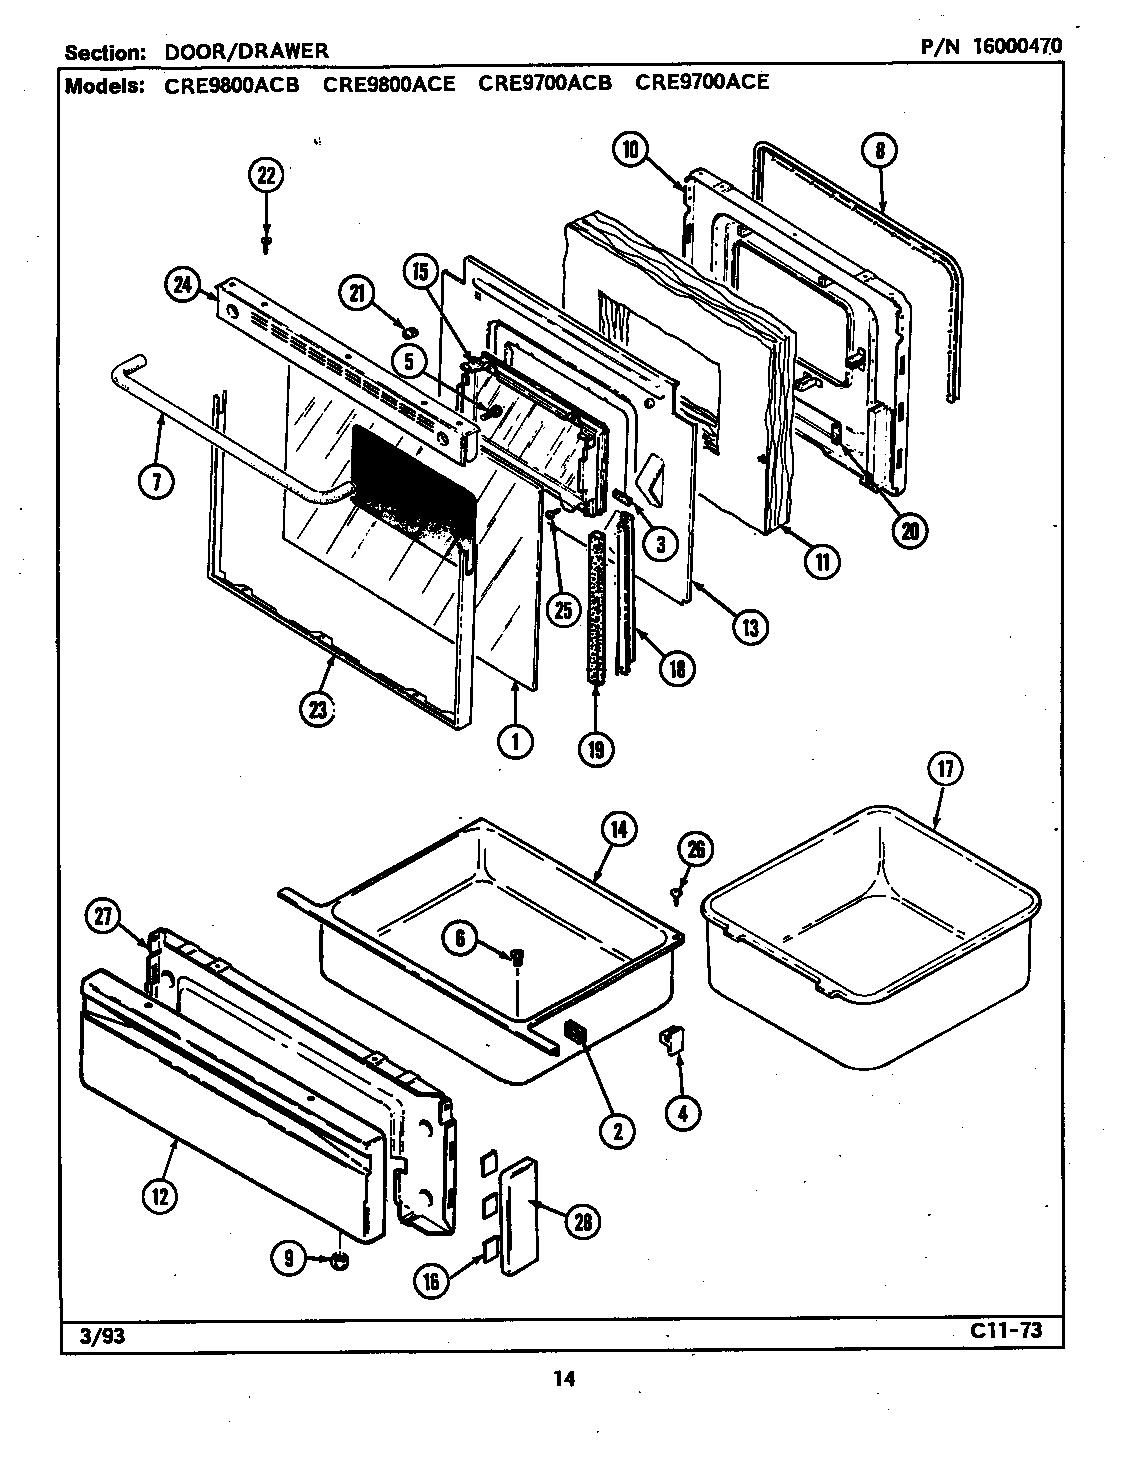 Maytag Oven Wiring Schematic